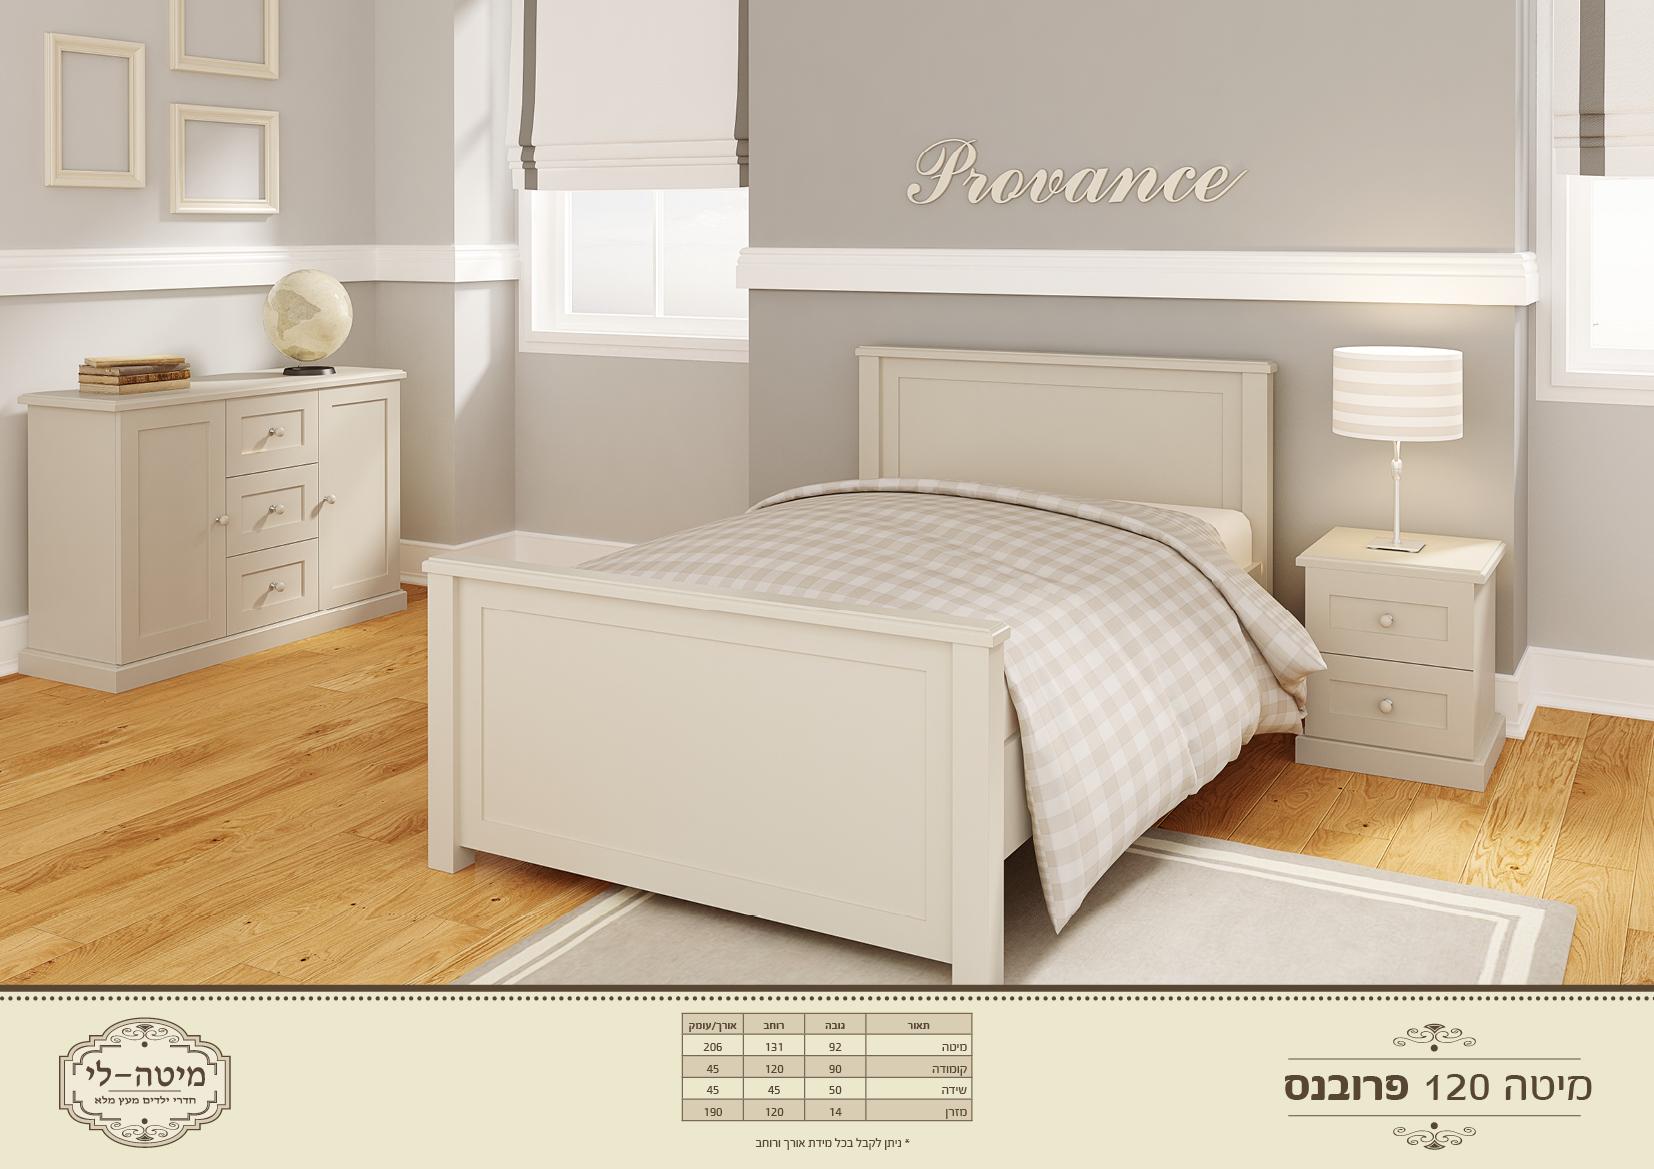 להפליא מיטת נוער מדגם פרובנס | מיטות ילדים | מיטה לי UH-68